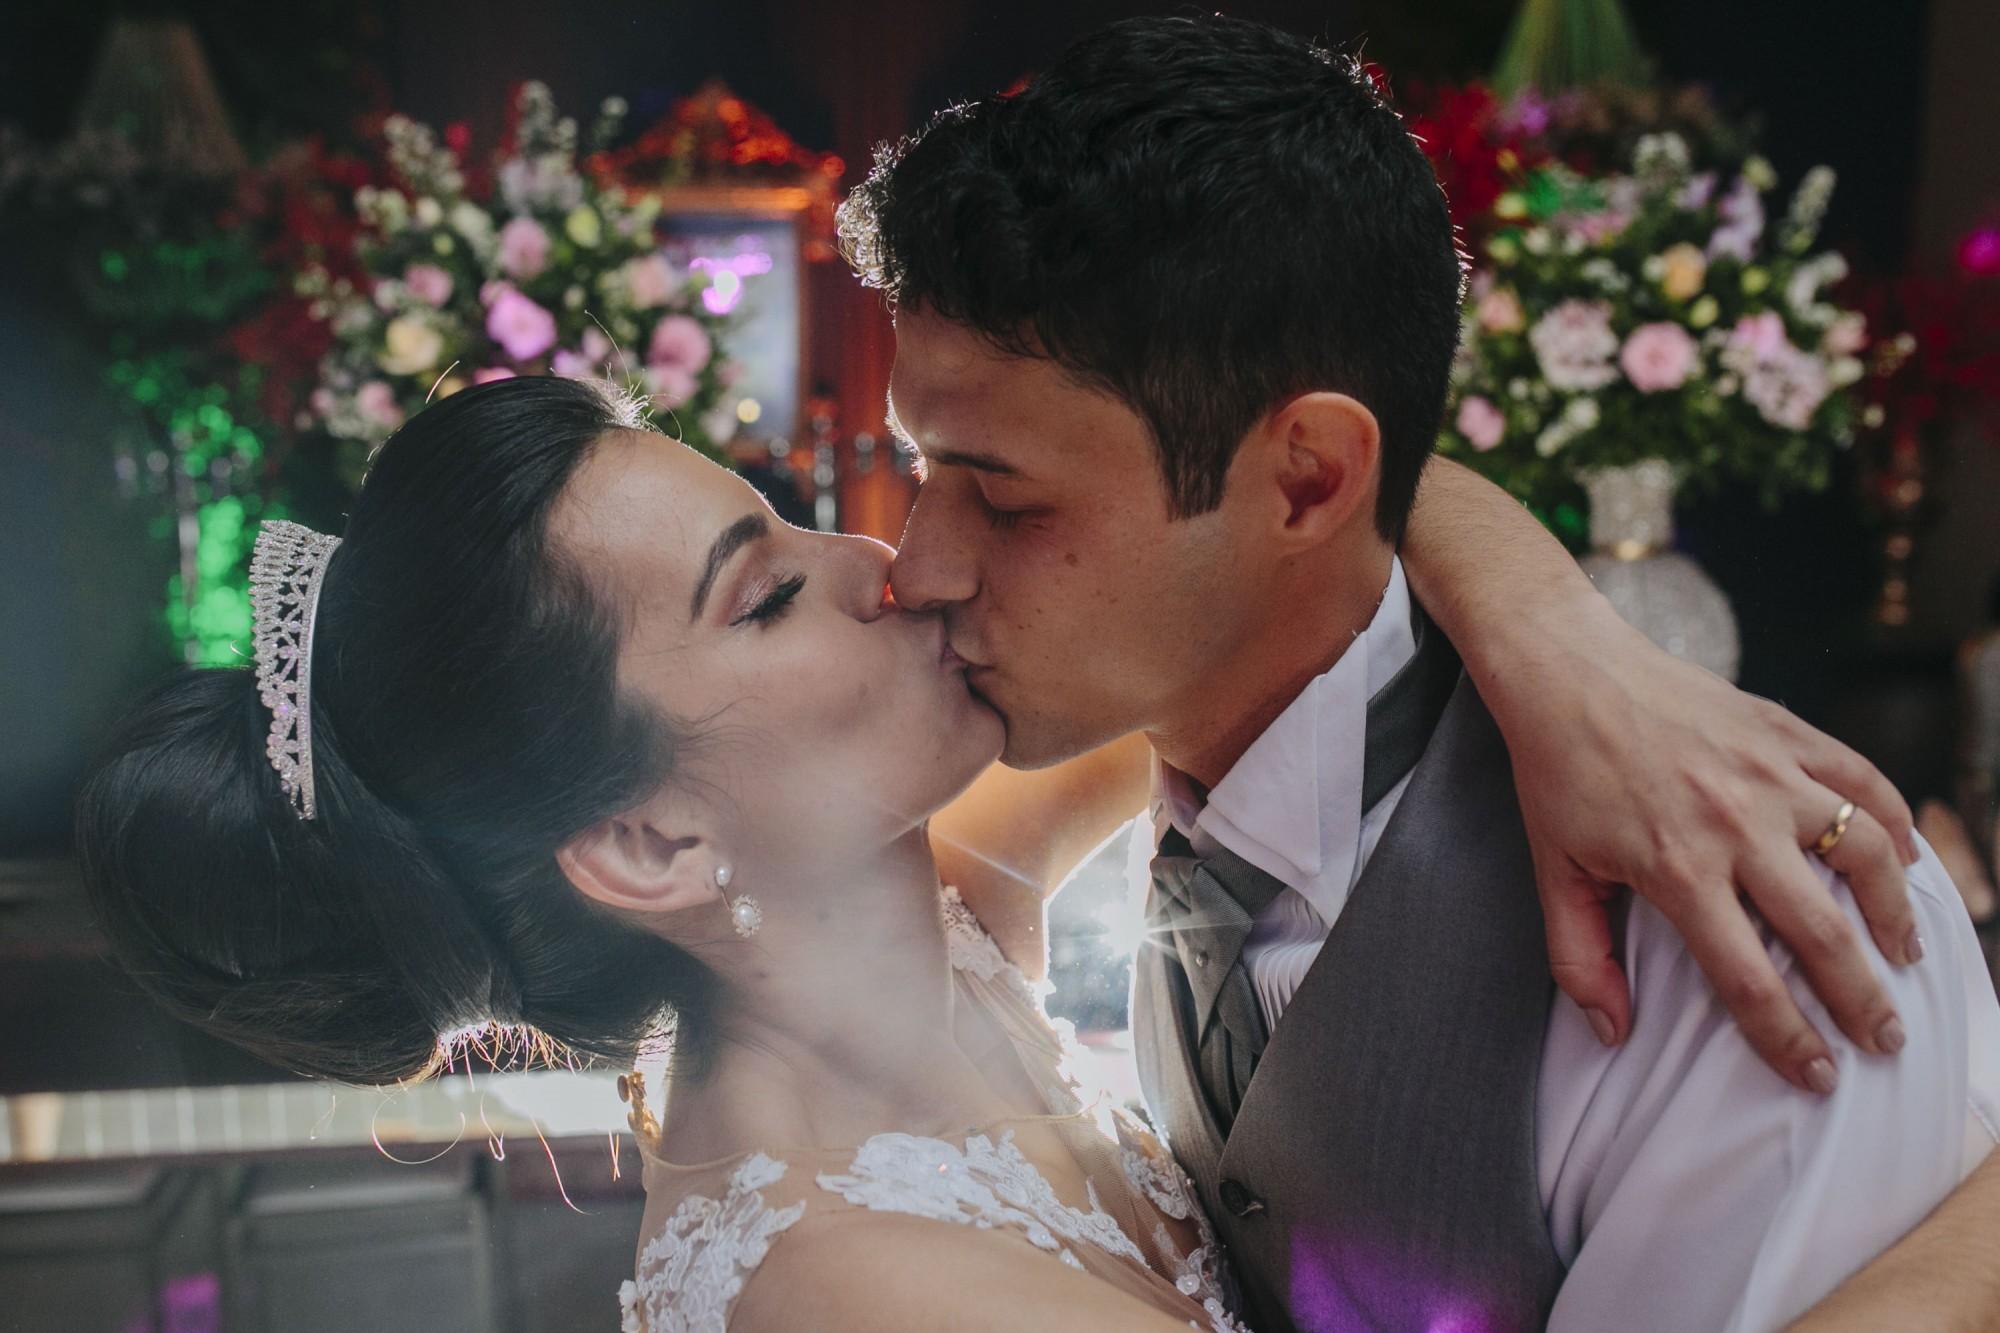 Casamento Camila Rampim e Rafael em Terra Roxa - Paraná - por Lorran Souza e Léia Sotile - fotografos de casamentos - 86